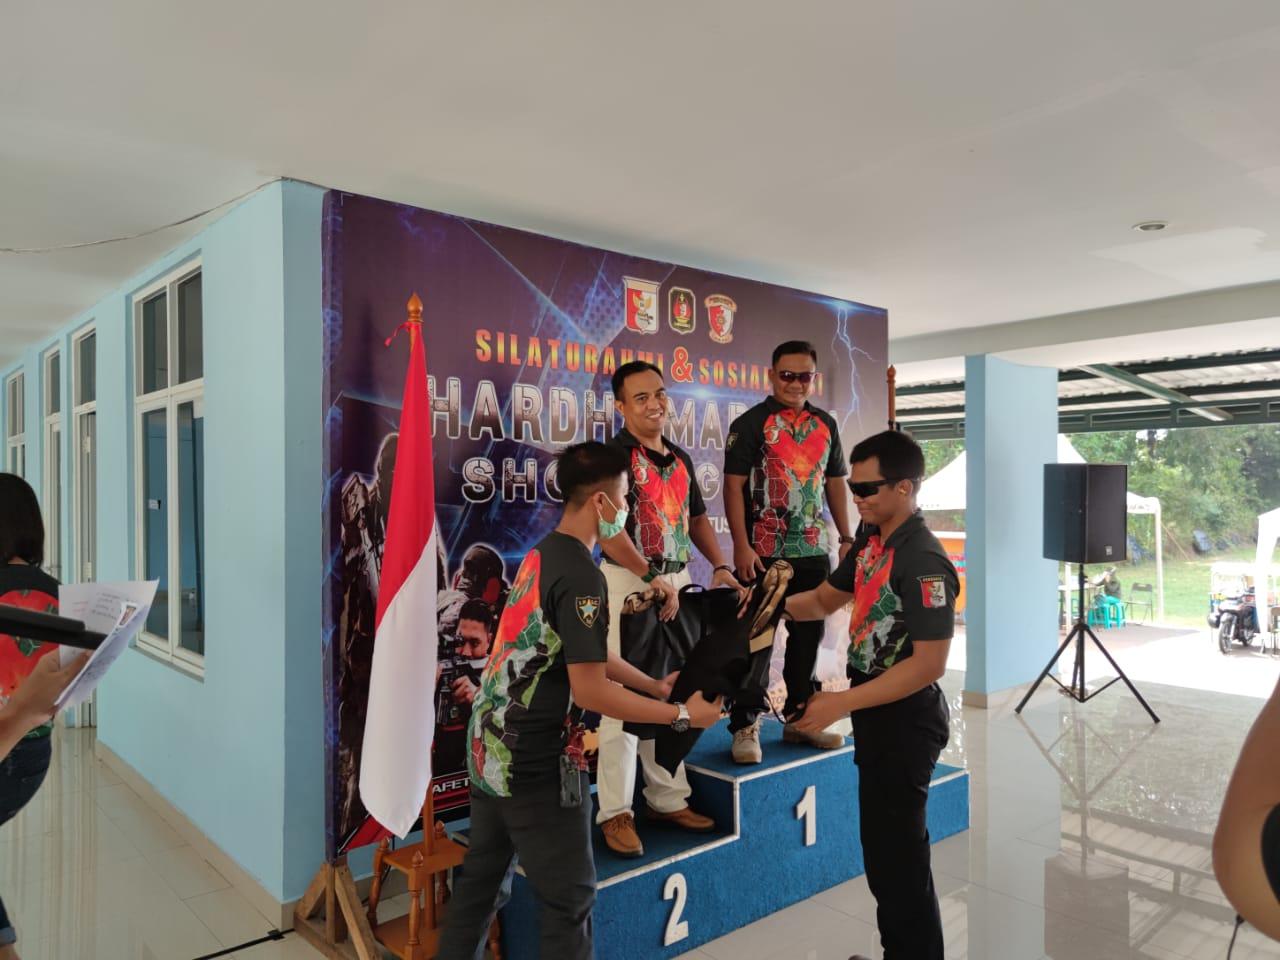 Hardha Marutha Shooting Club Tournament_2020